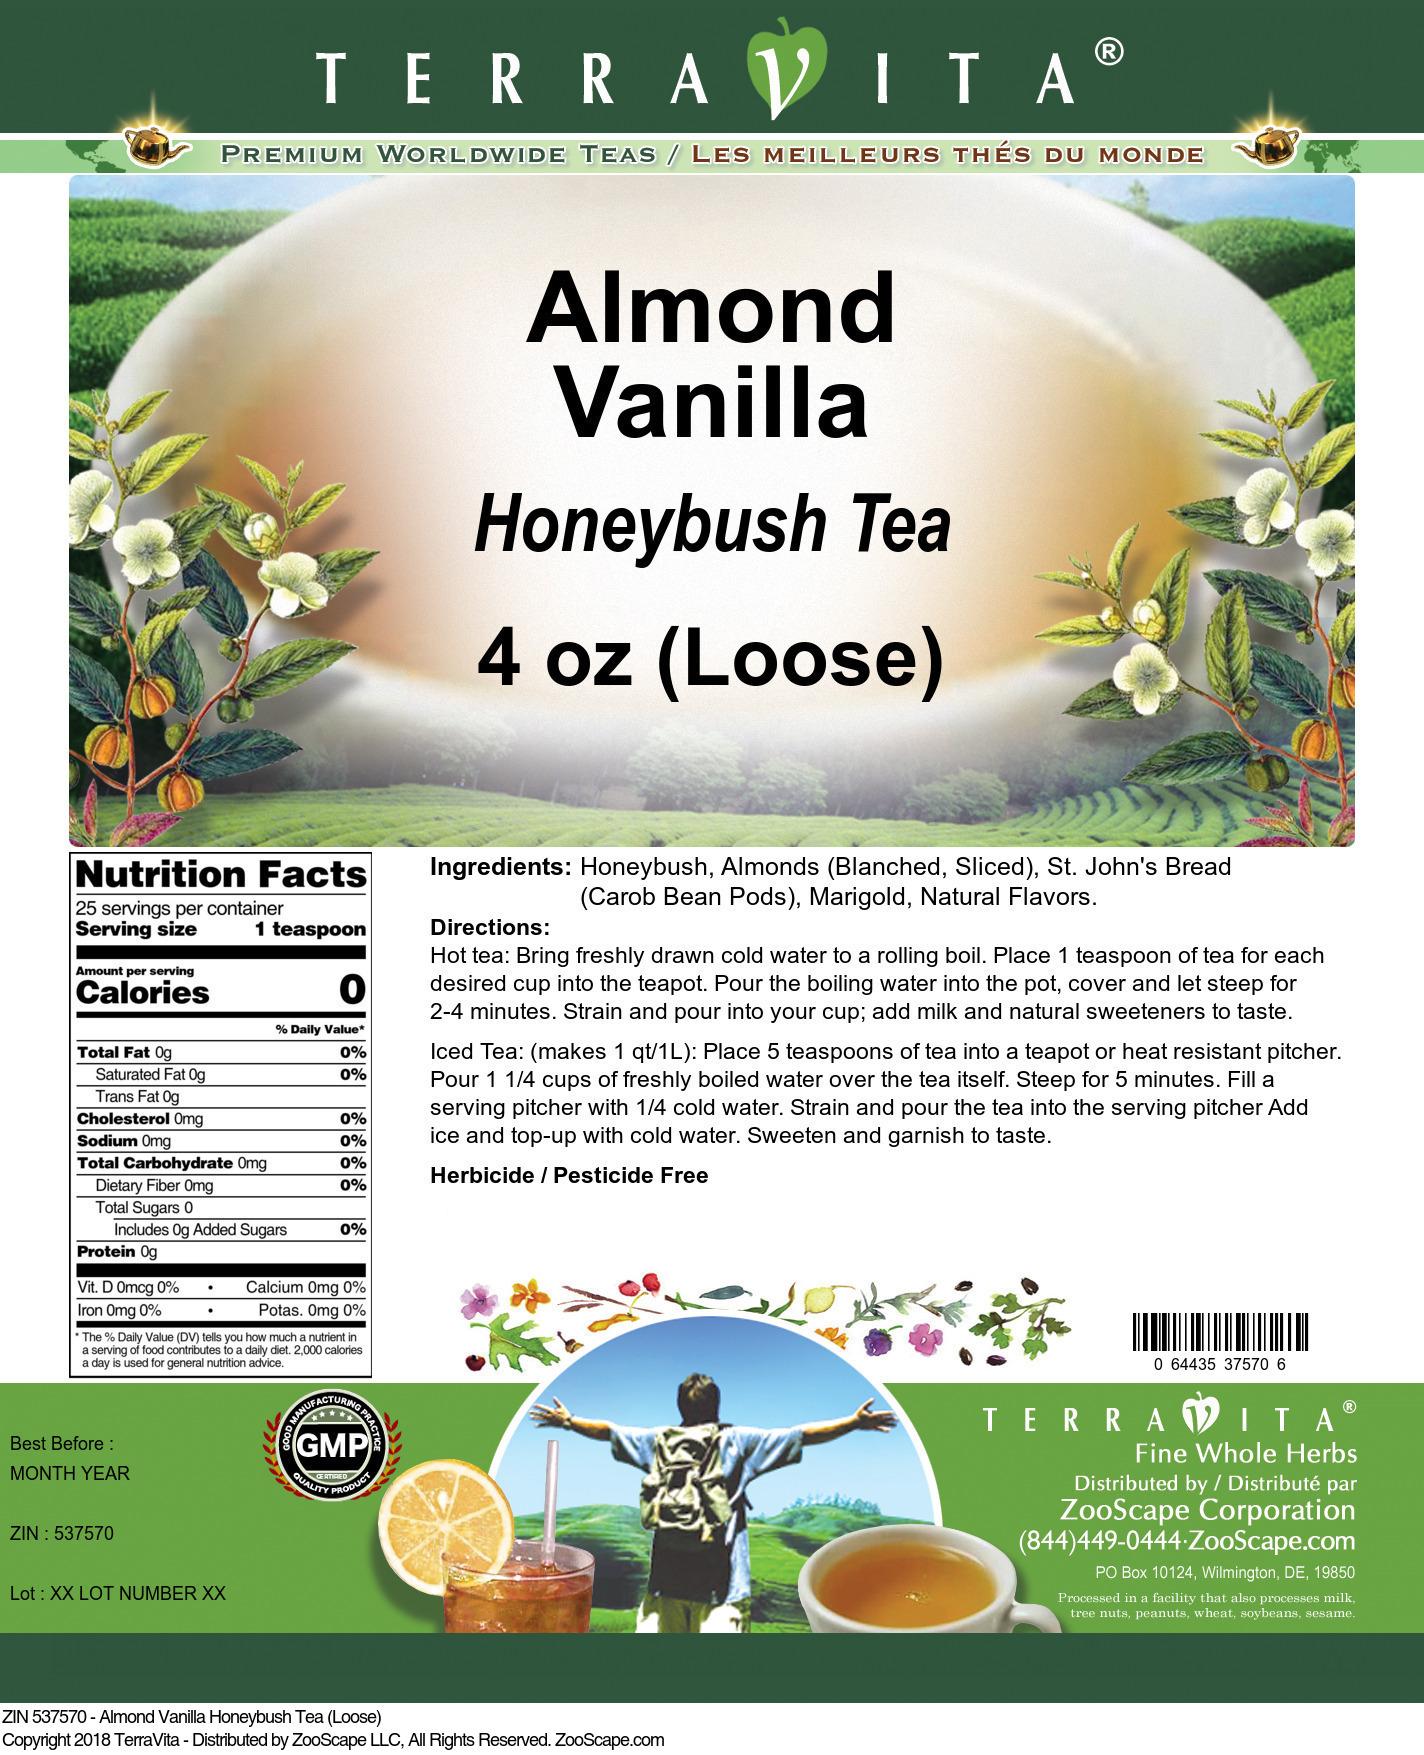 Almond Vanilla Honeybush Tea